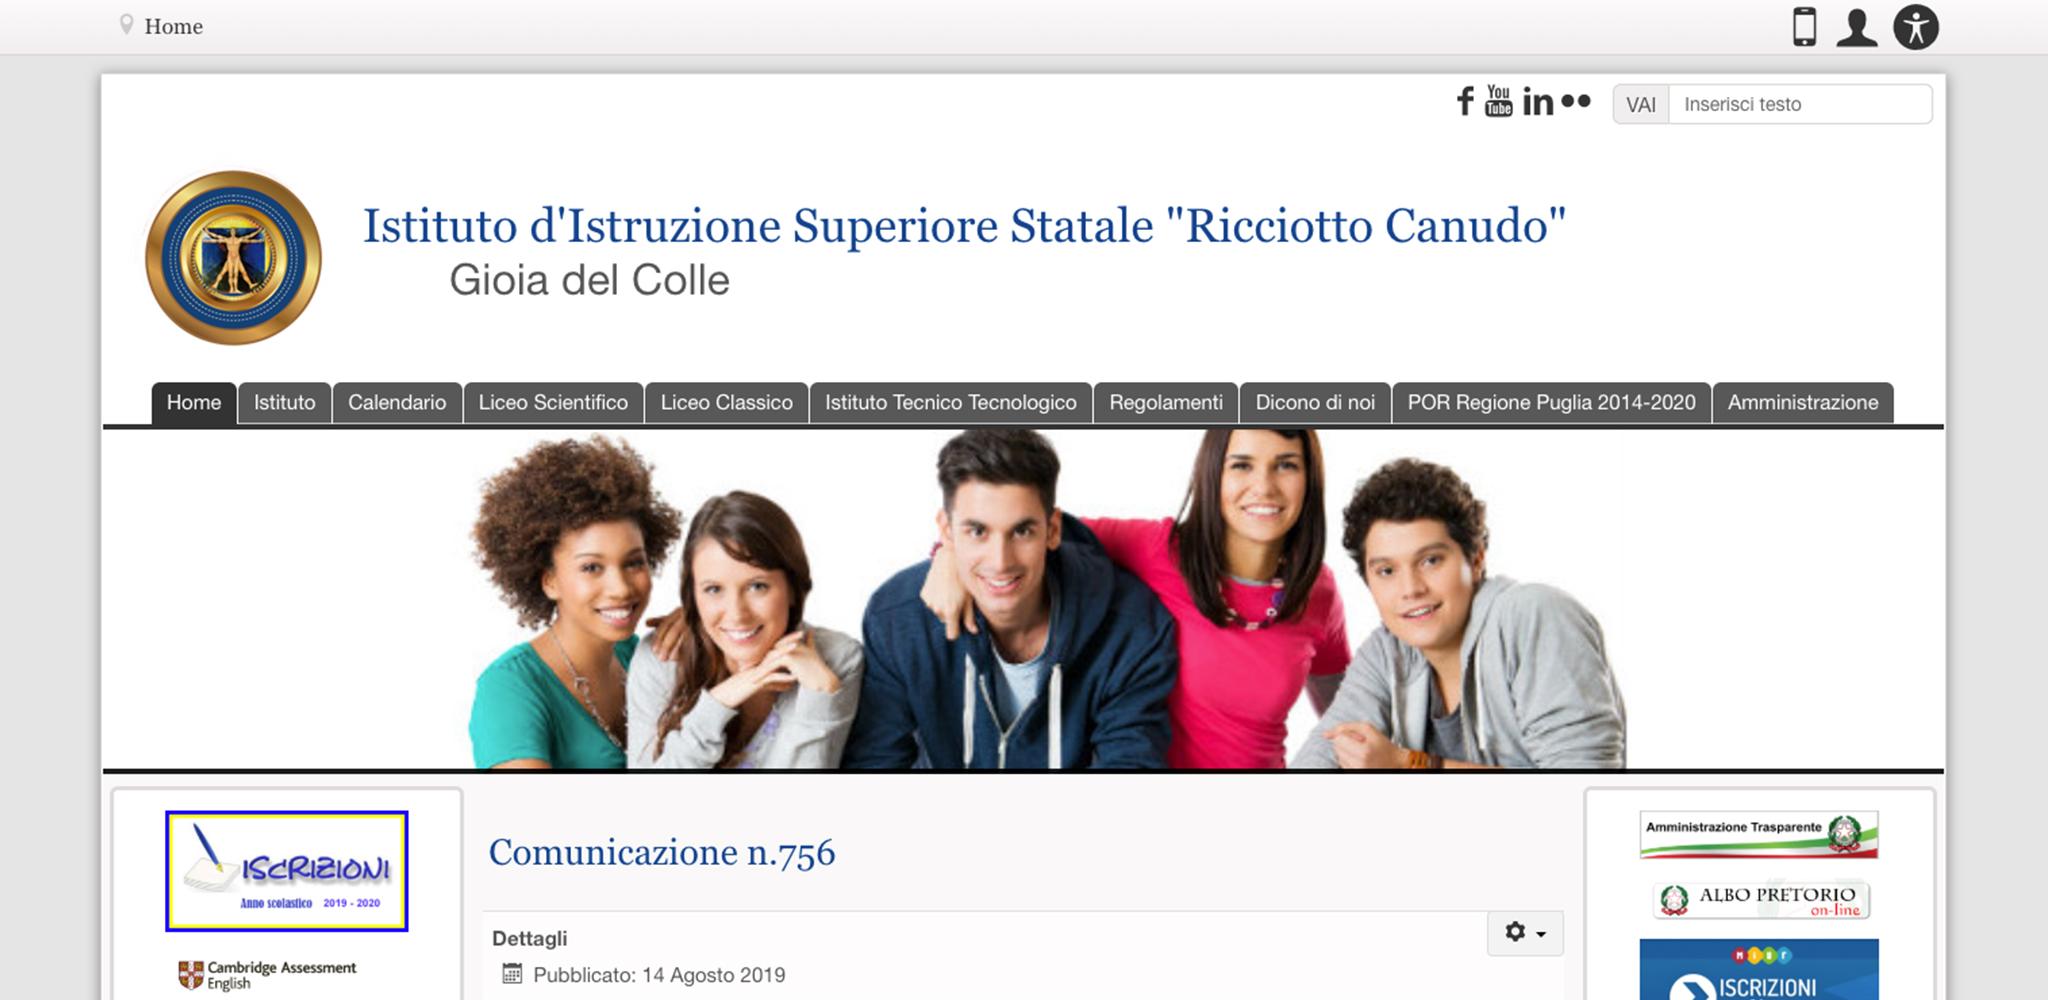 canudo website